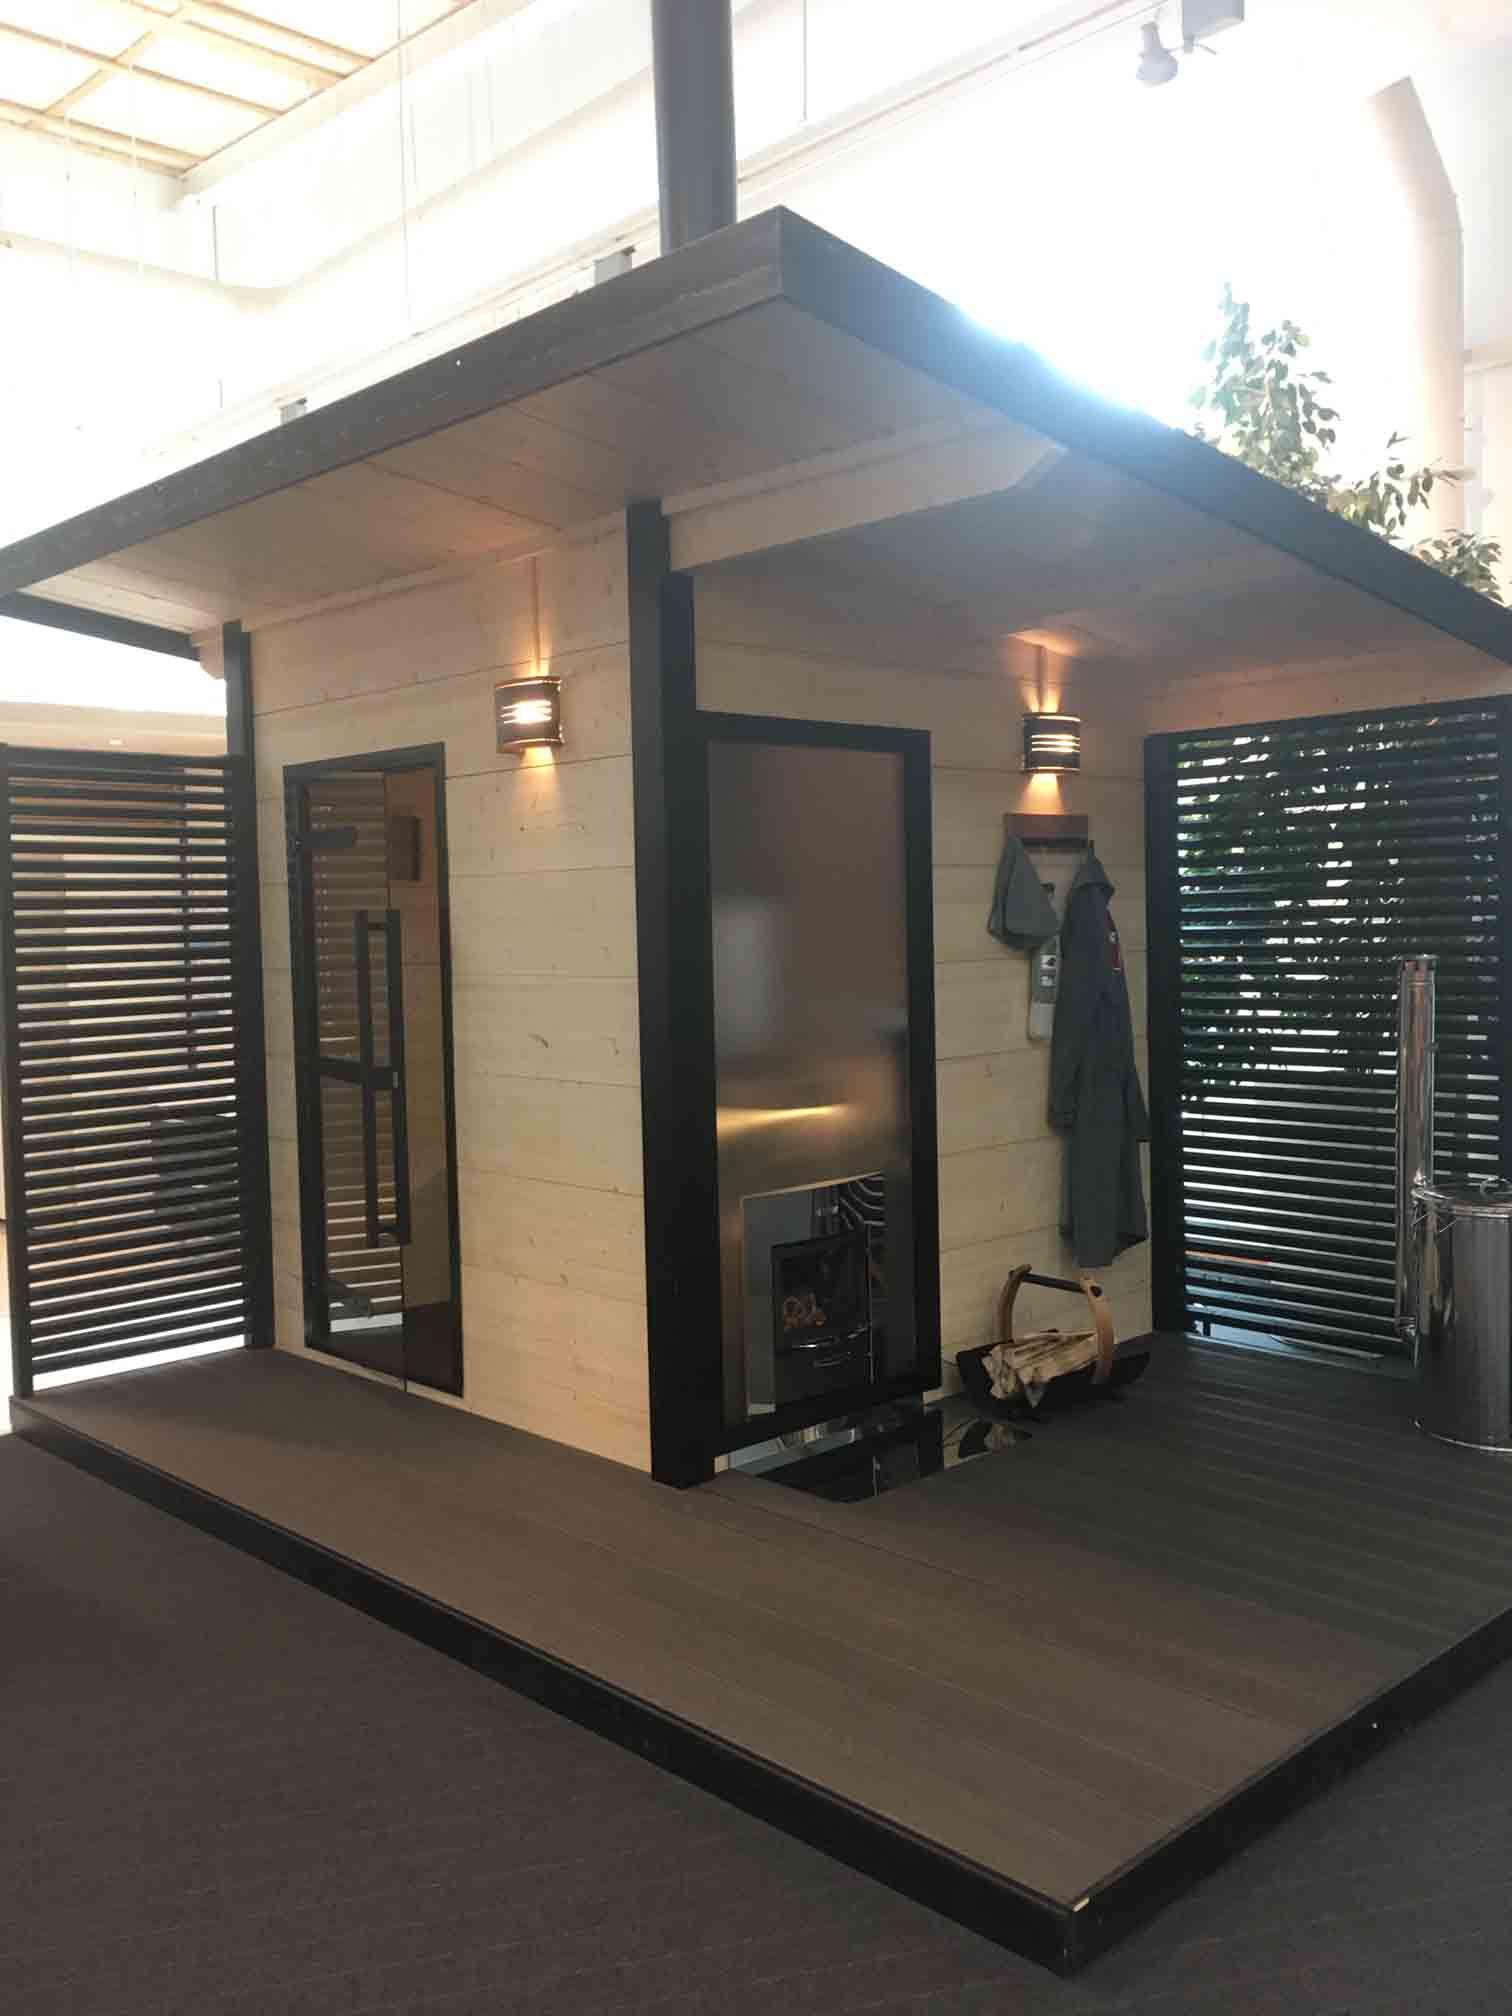 Full Size of Sauna Kaufen Günstig Sofa Gebrauchte Fenster Regal Küche Ikea Regale Online Breaking Bad Dusche Mit Elektrogeräten Bett Duschen Einbauküche Tipps Big Wohnzimmer Sauna Kaufen